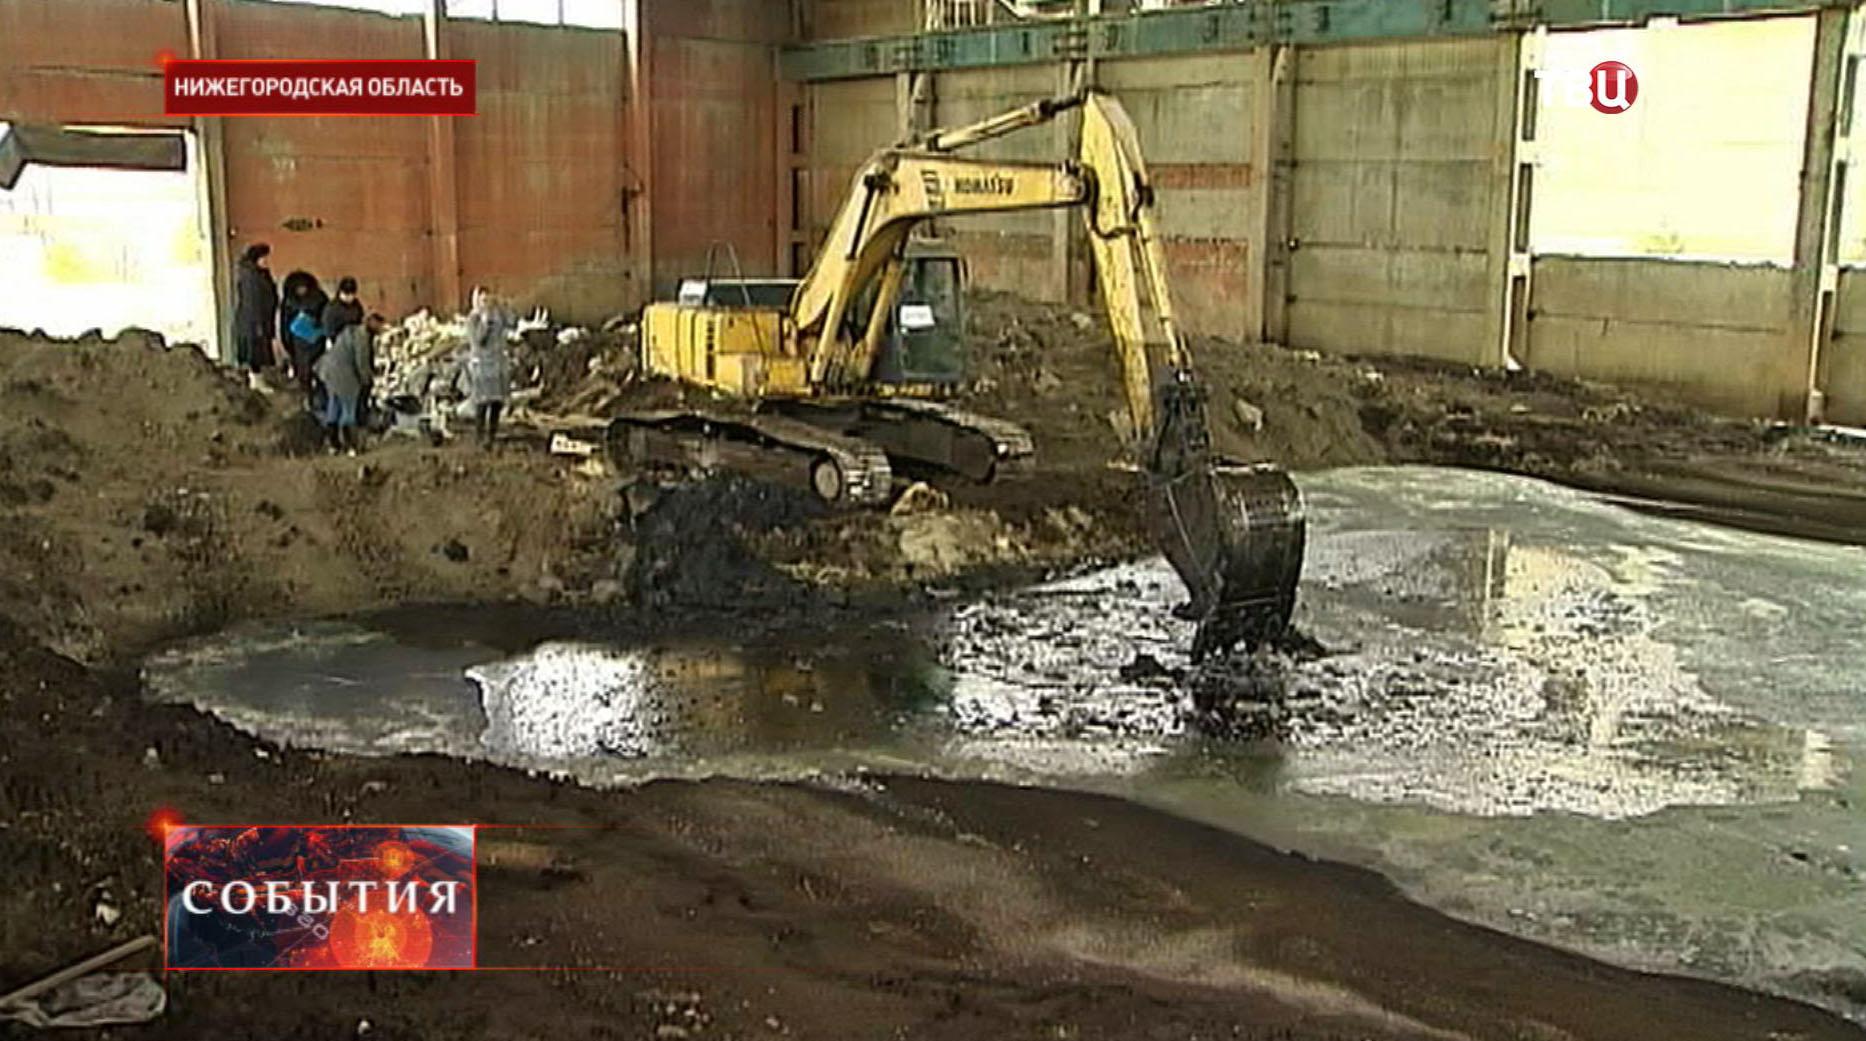 Свалка токсичных отходов в Нижегородской области